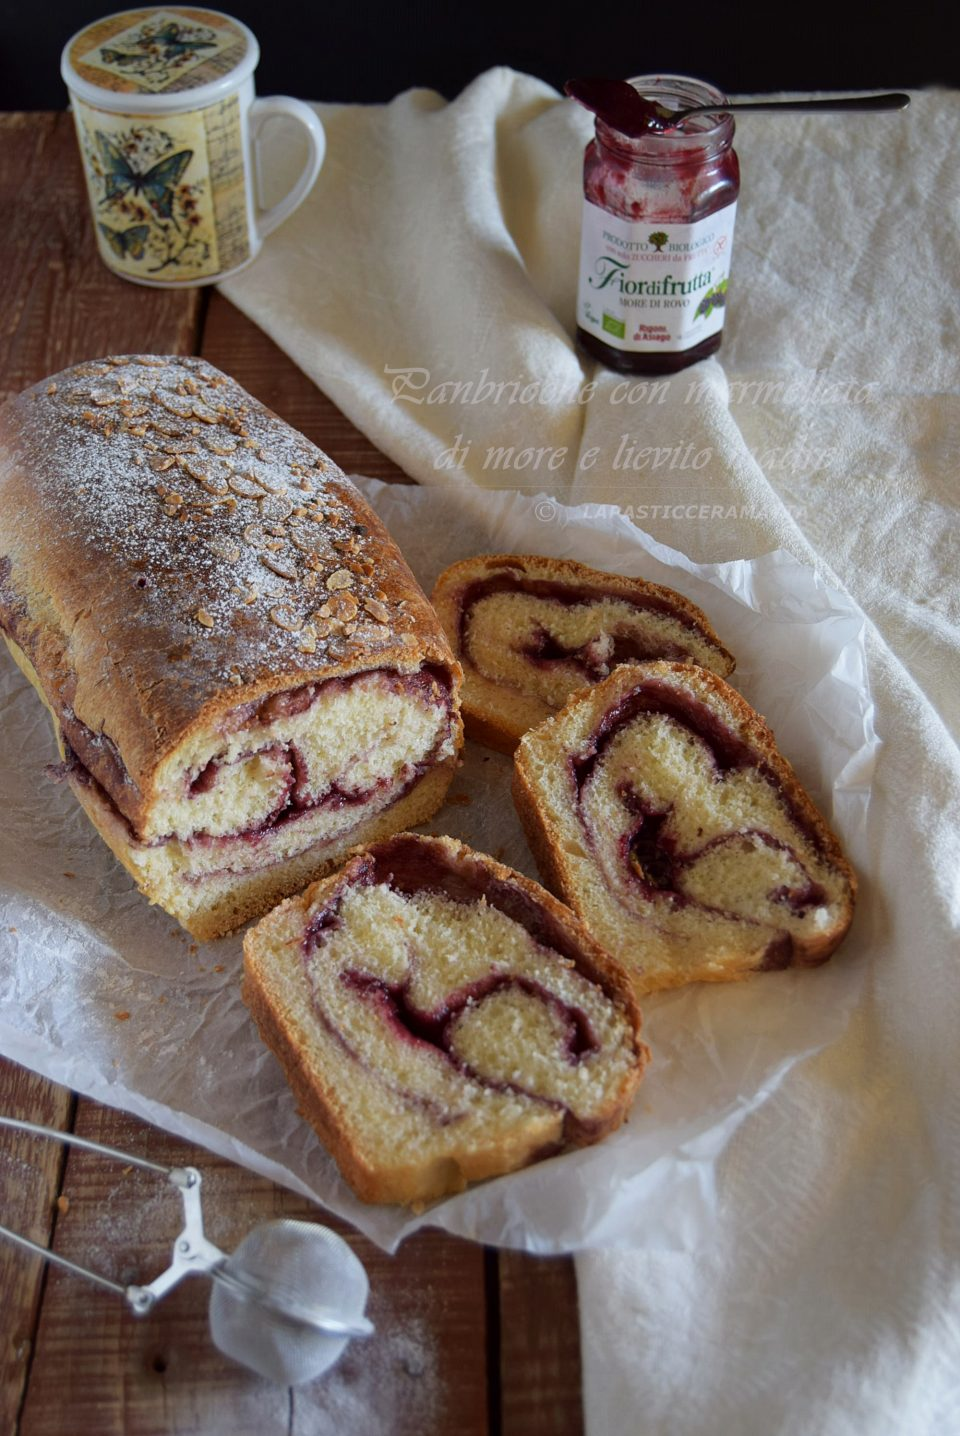 Pan brioche con marmellata di more e lievito madre